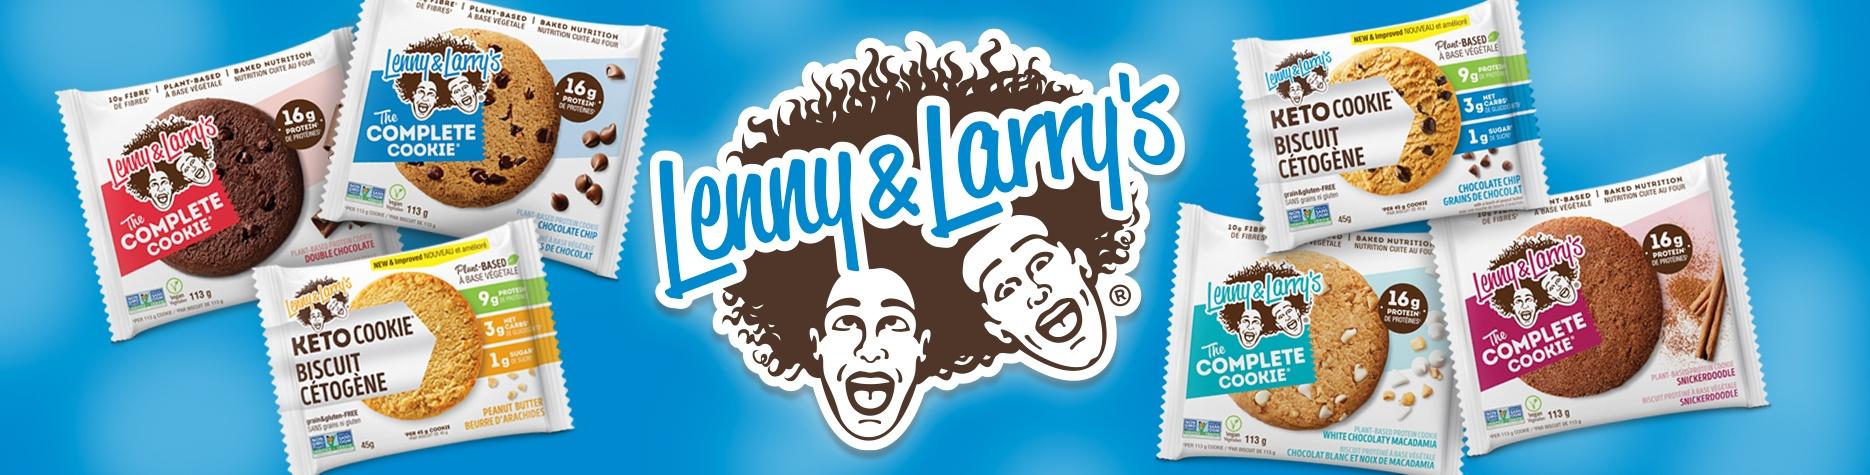 Larry's & Lenny's